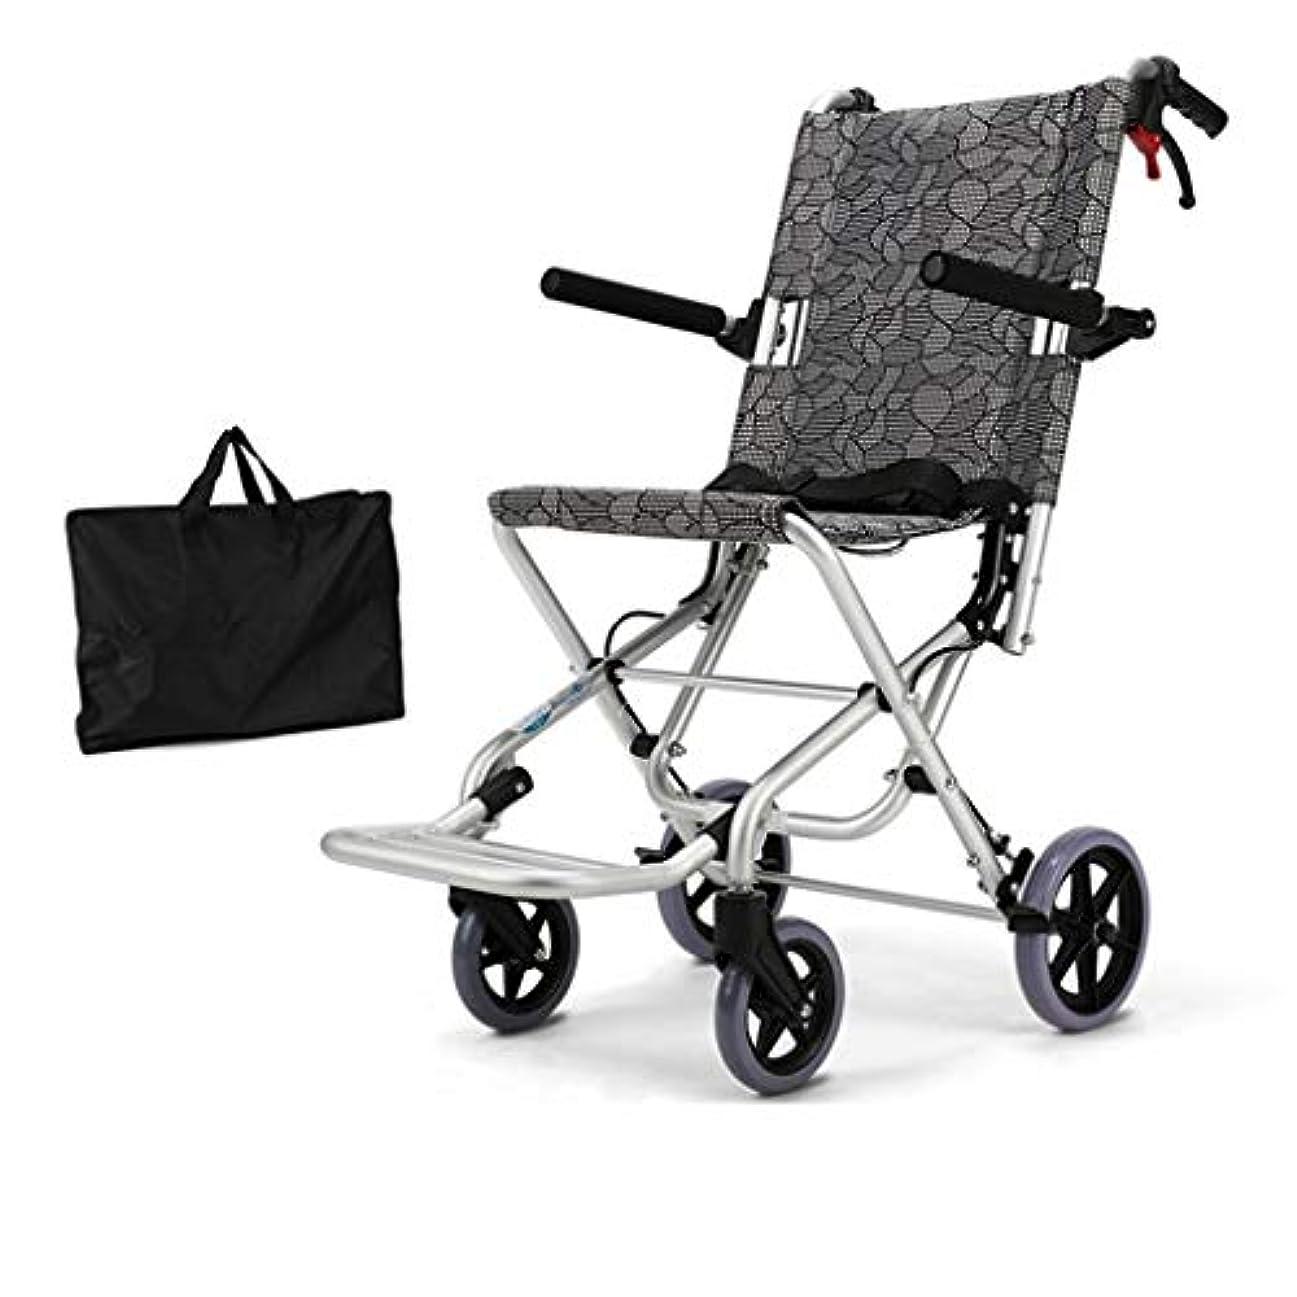 悪性腫瘍回答擬人車椅子用アルミニウム合金折りたたみ式、高齢者障害者用ポータブルプッシュ車椅子